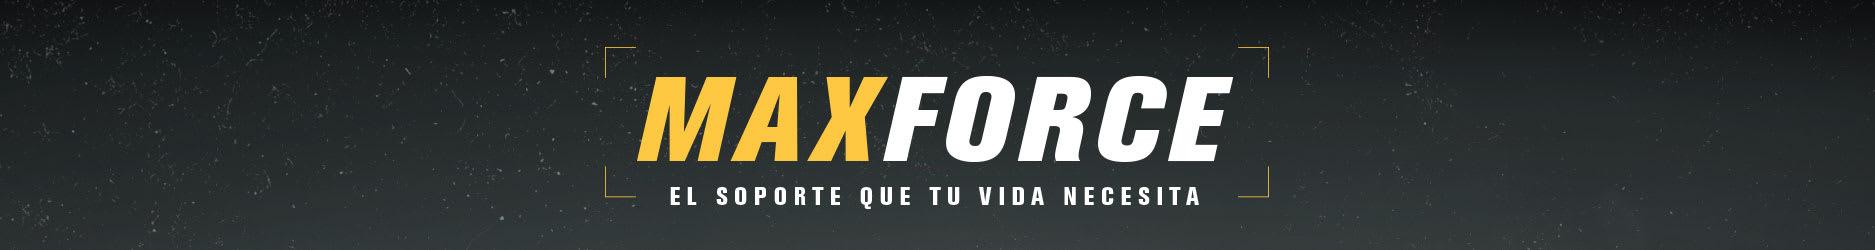 Maxforce - Chaleco de Control